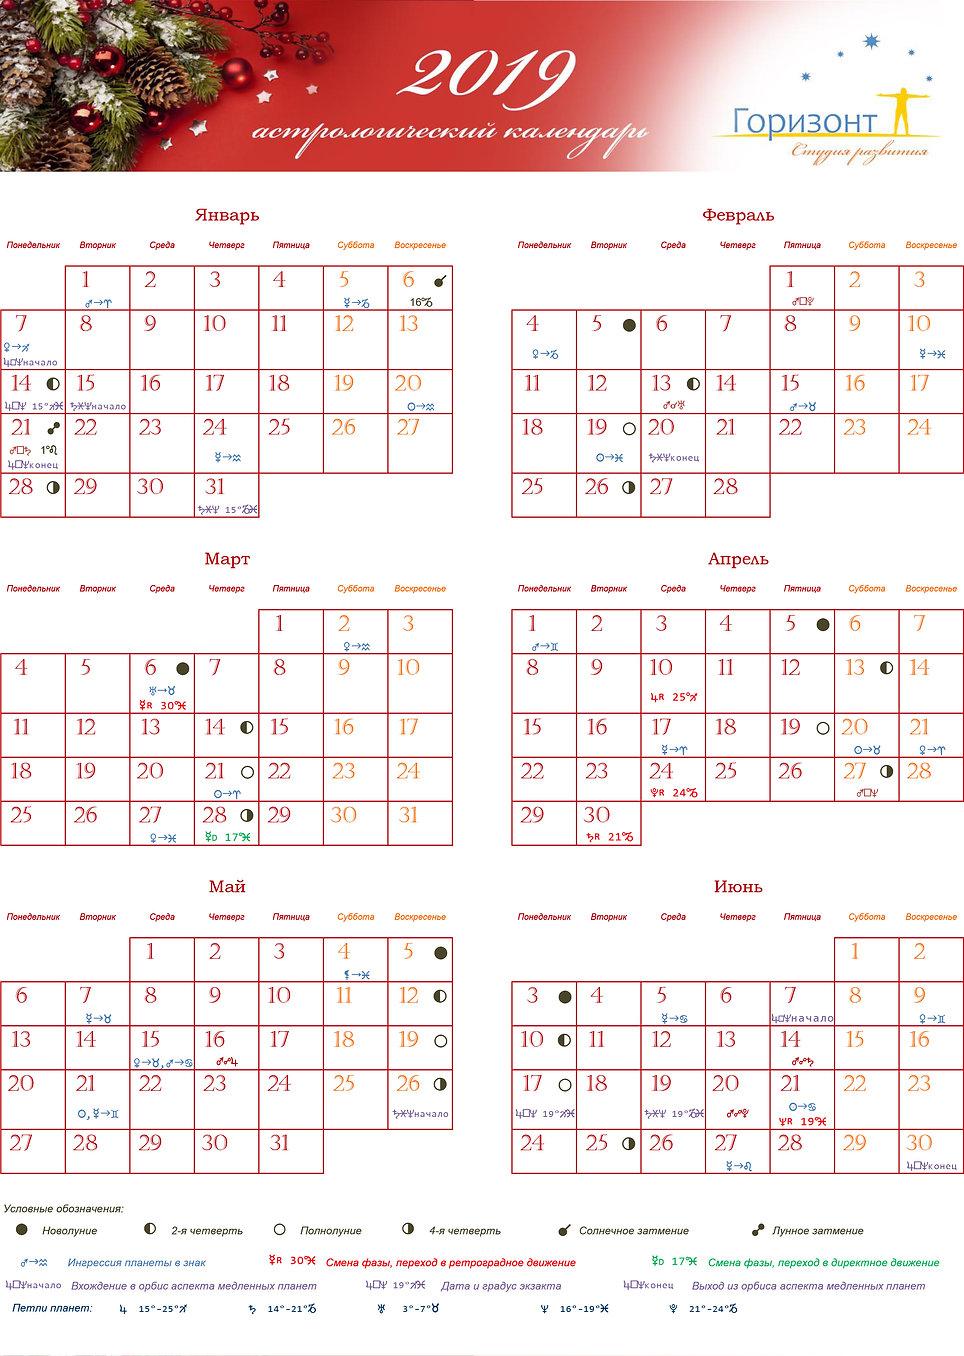 Календарь_2019-1.jpg